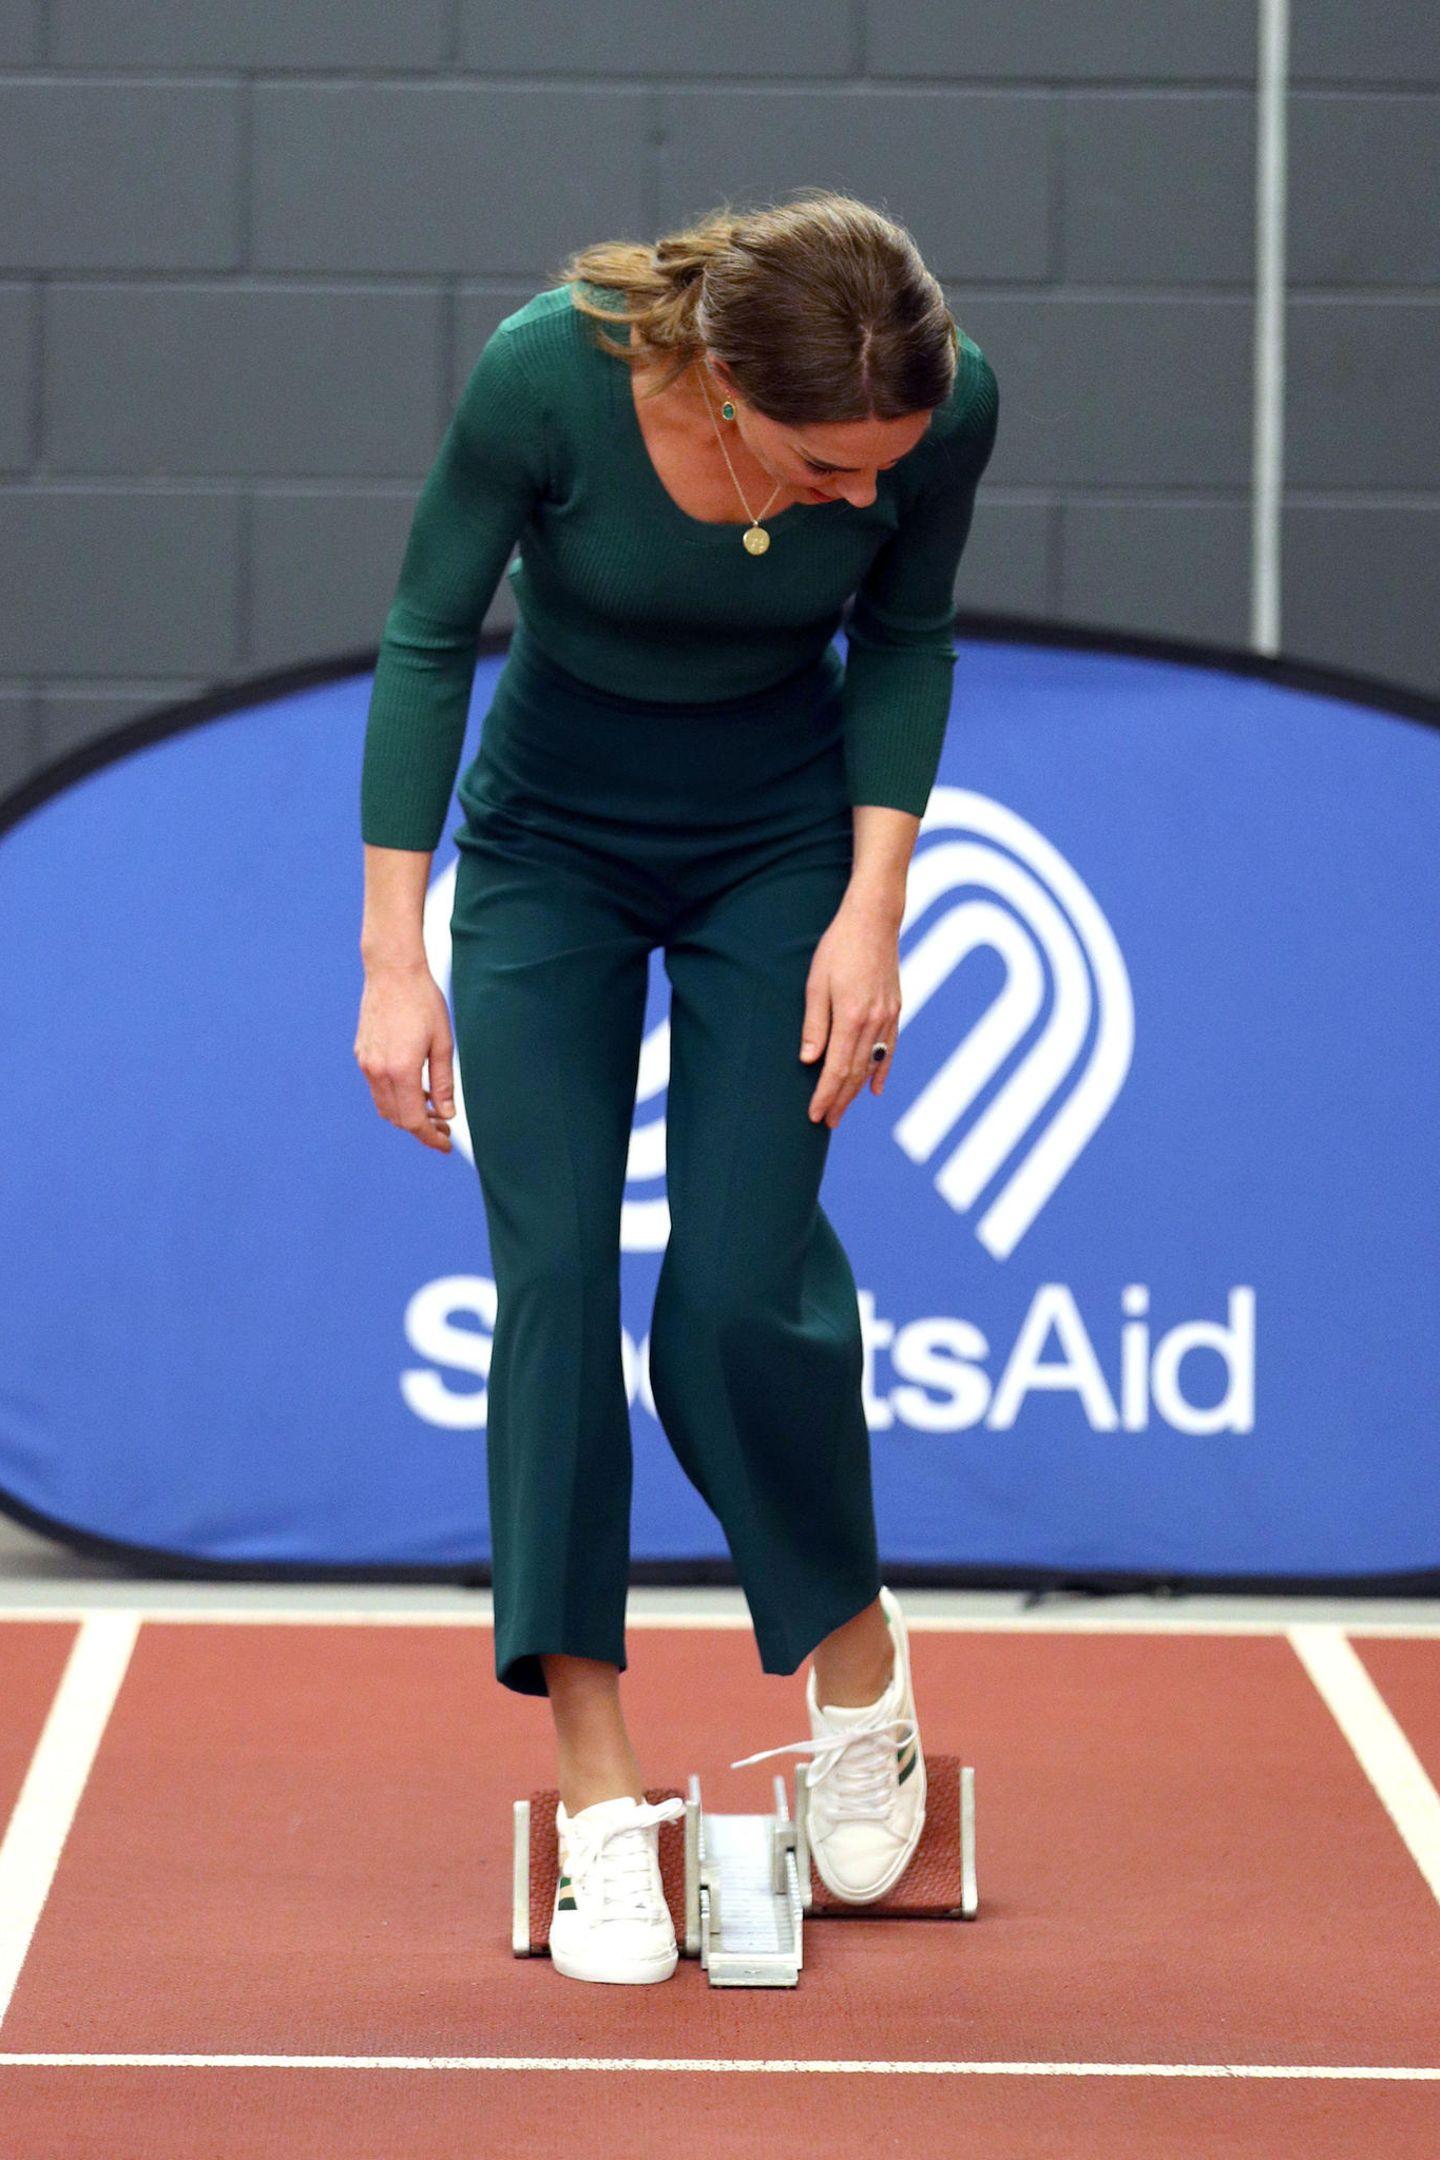 """Auf die Plätze, fertig, los!, hieß es für Herzogin Catherine heute bei einem """"SportsAid Stars""""-Event in London. In einem eleganten Outfit beweist die Dreifach-Mama Stilsicherheit und Sportlichkeit."""